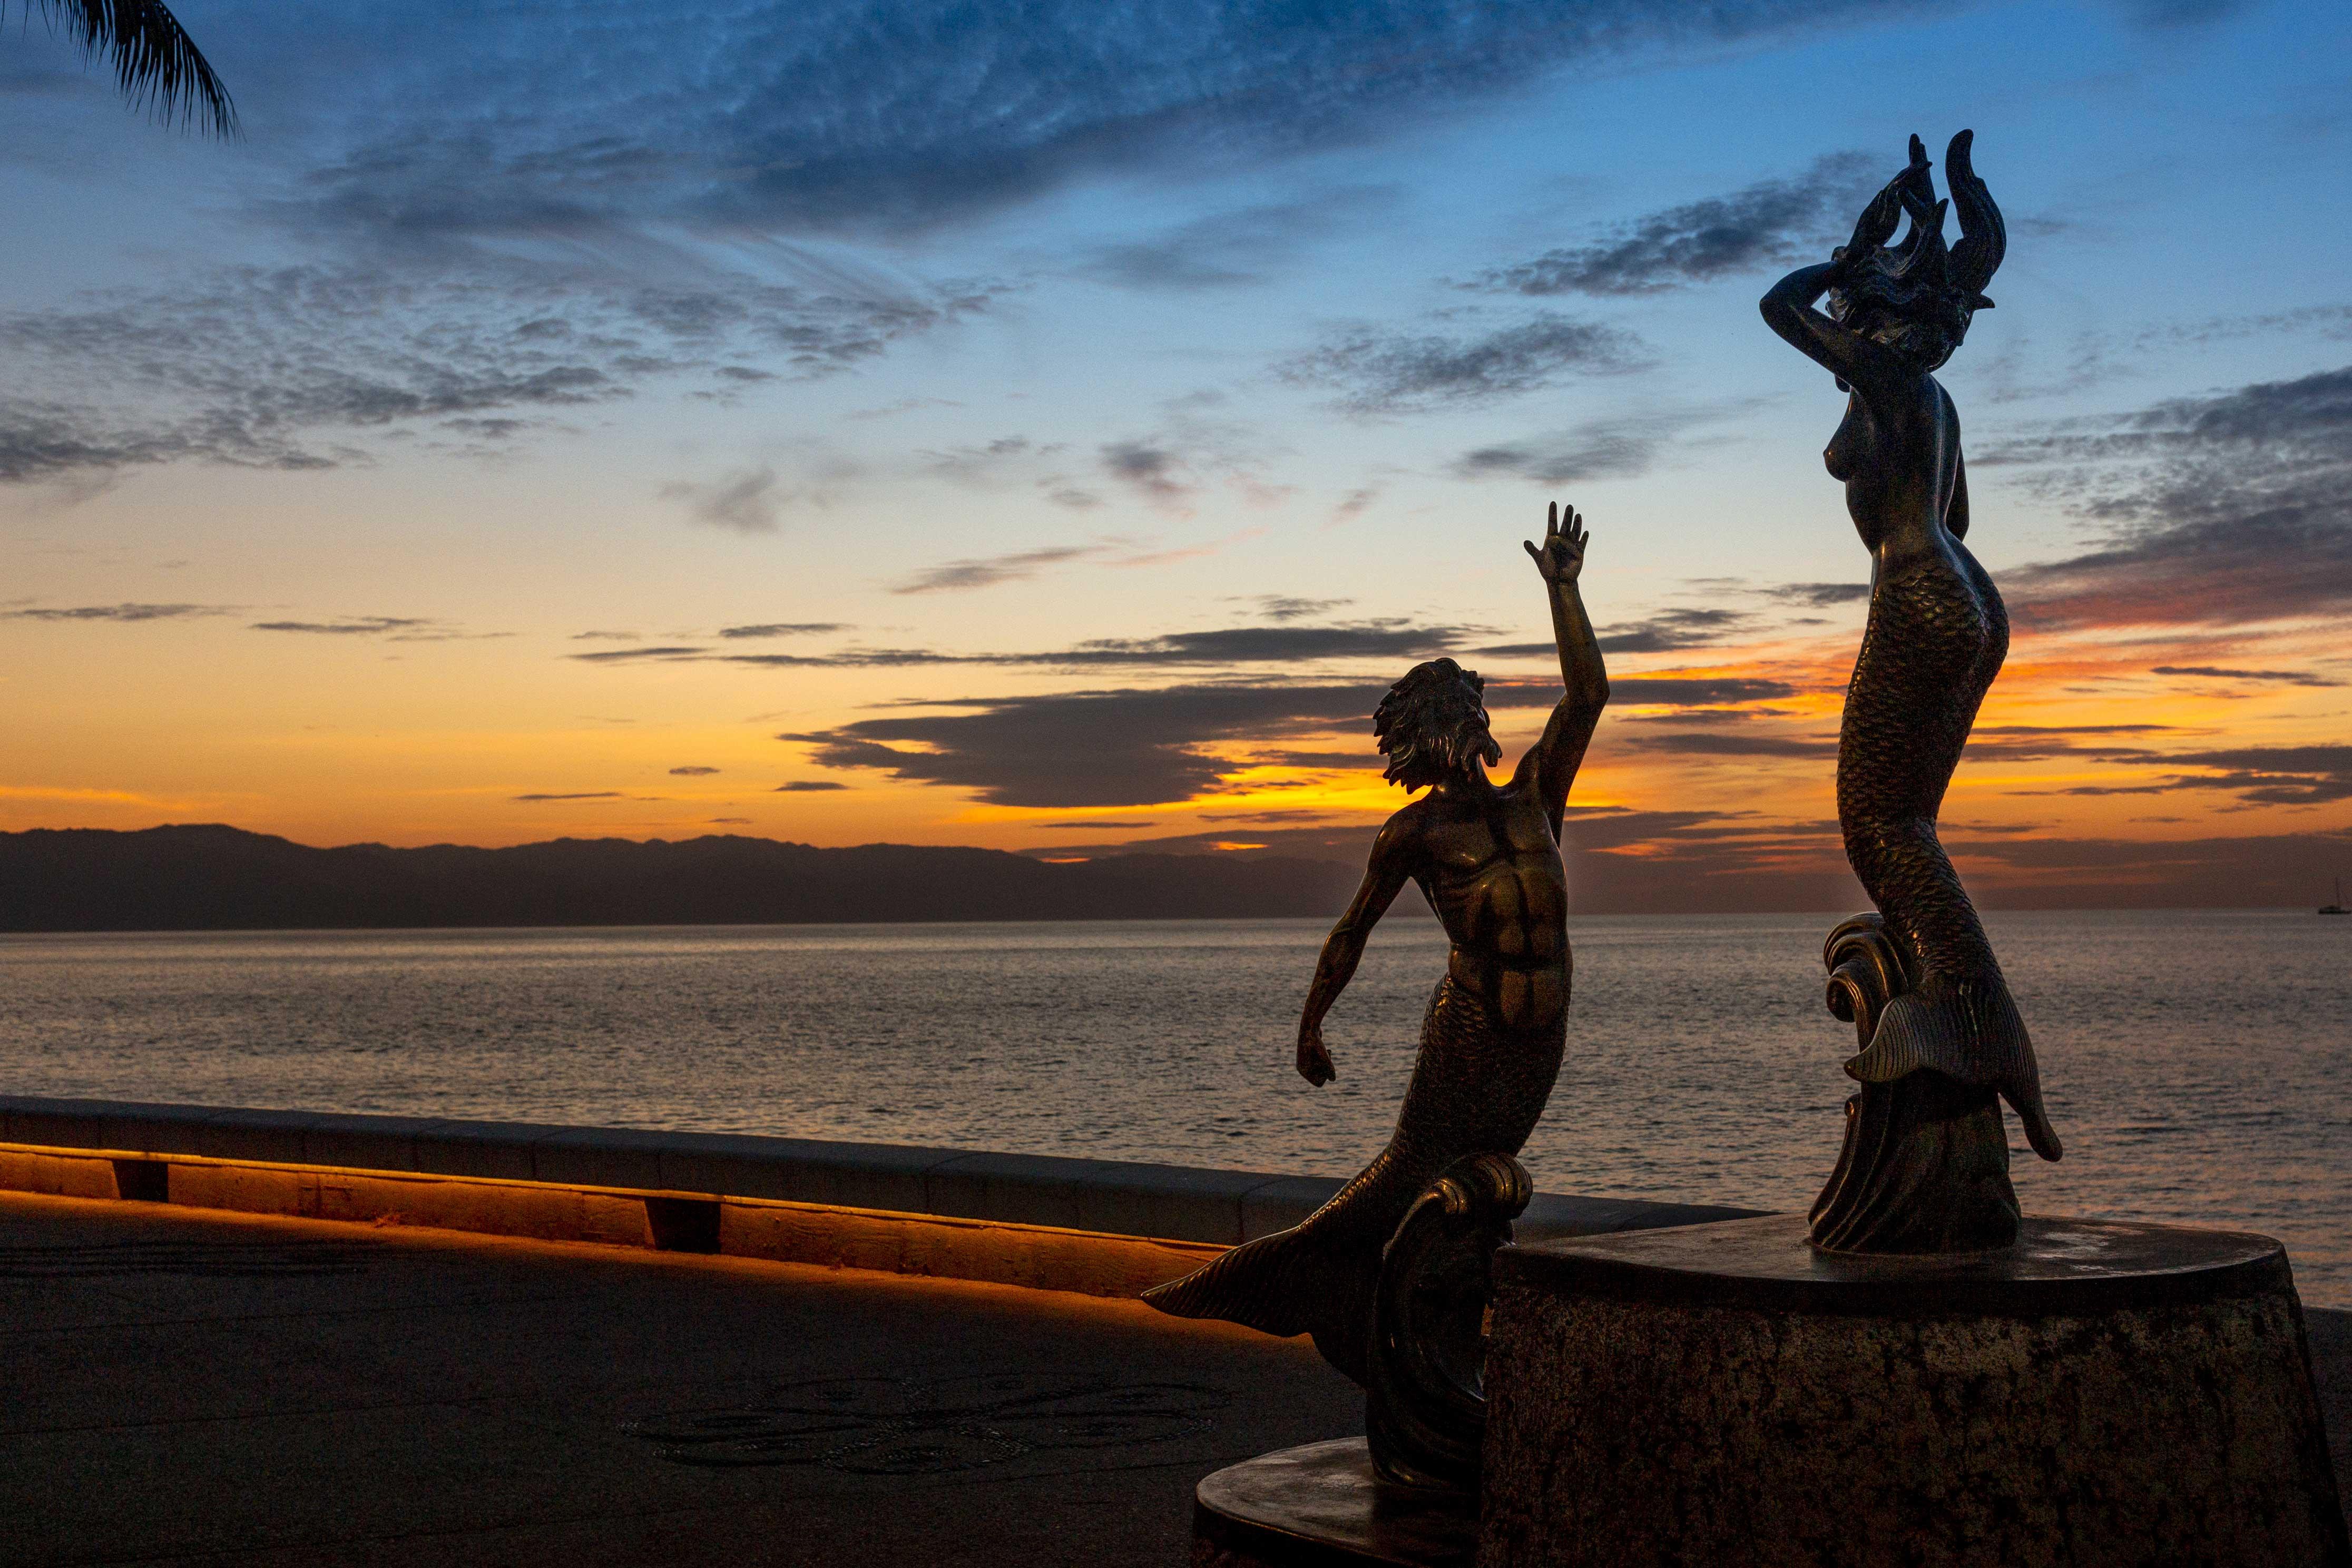 El centro: cultura y tradición, puerto vallarta, vallarta lifestyles